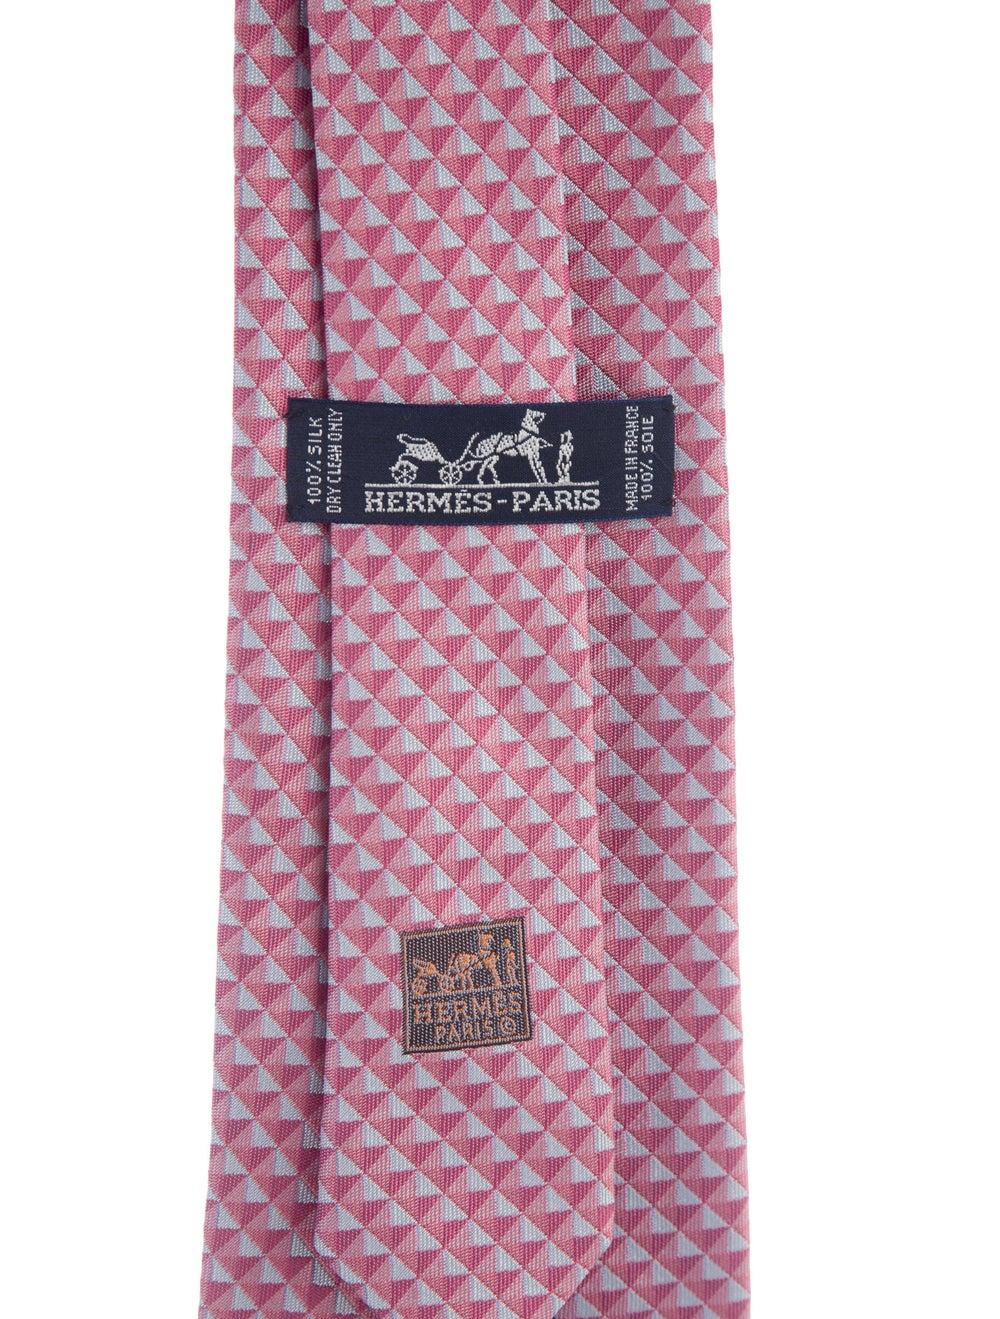 Hermès Patterned Silk Tie pink - image 2